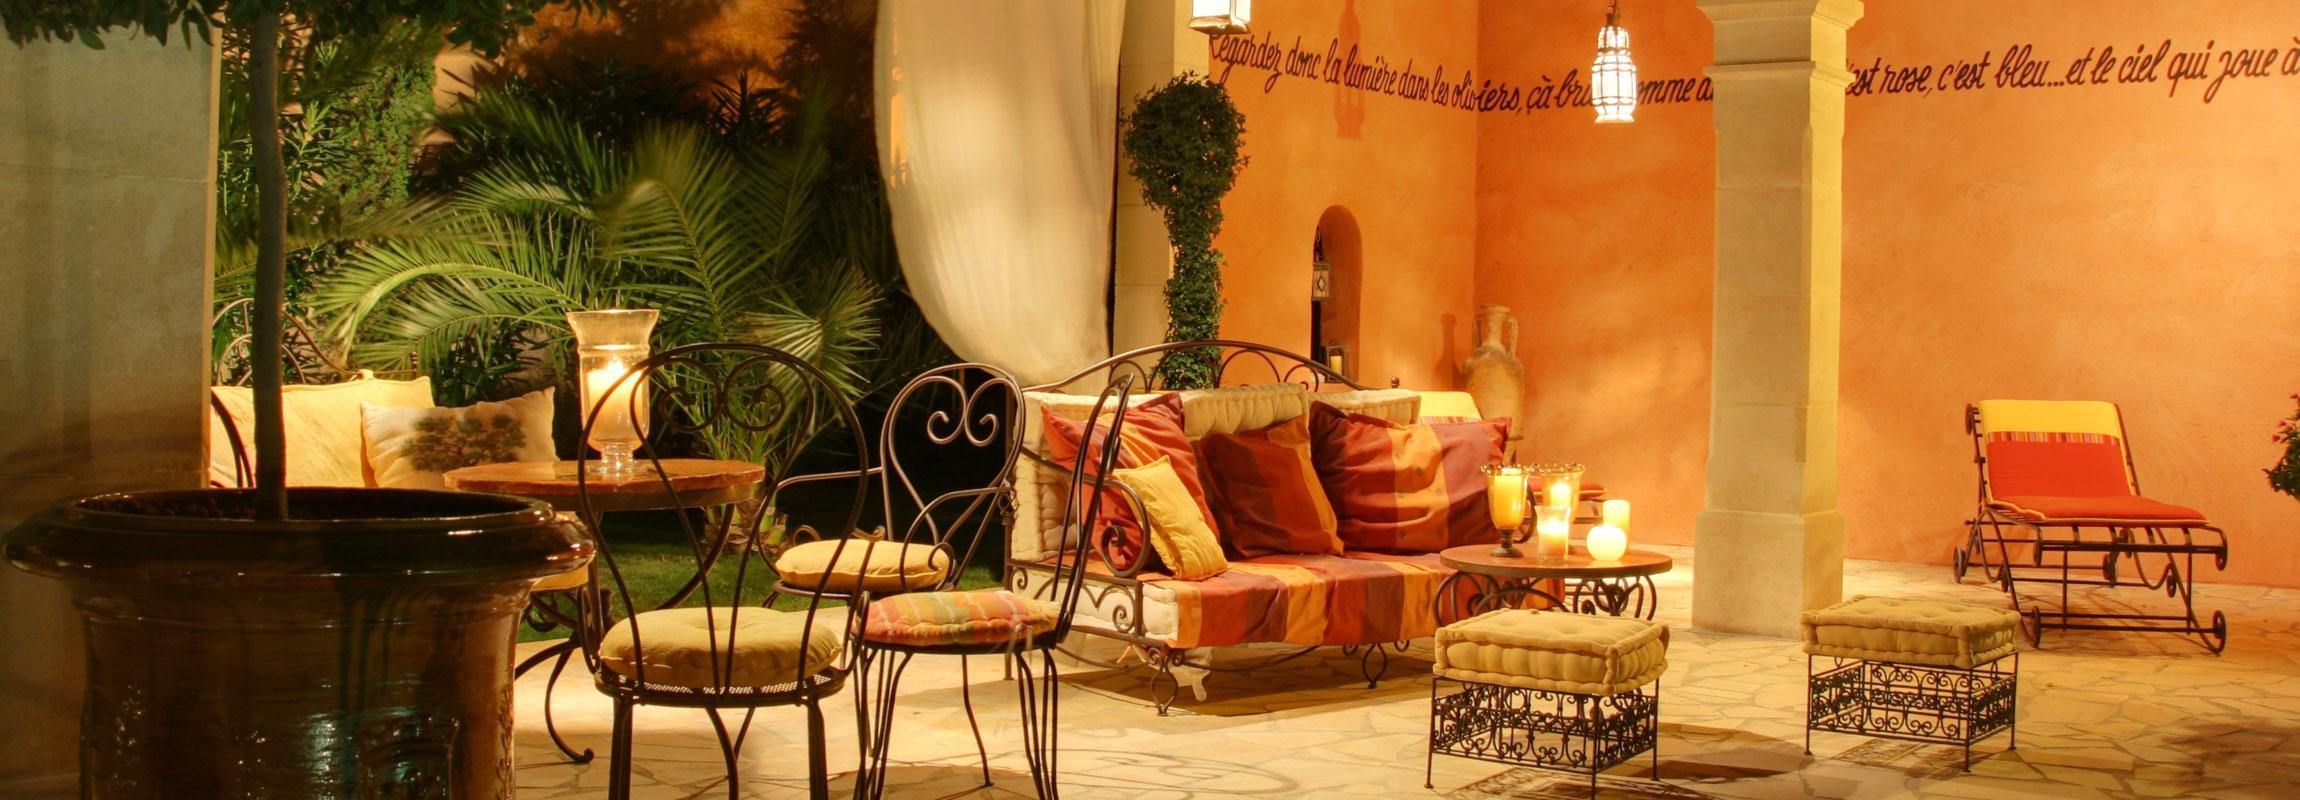 Orientalische Marokkanische Lampen Dekoration Und Mobel Bei Marrakesch